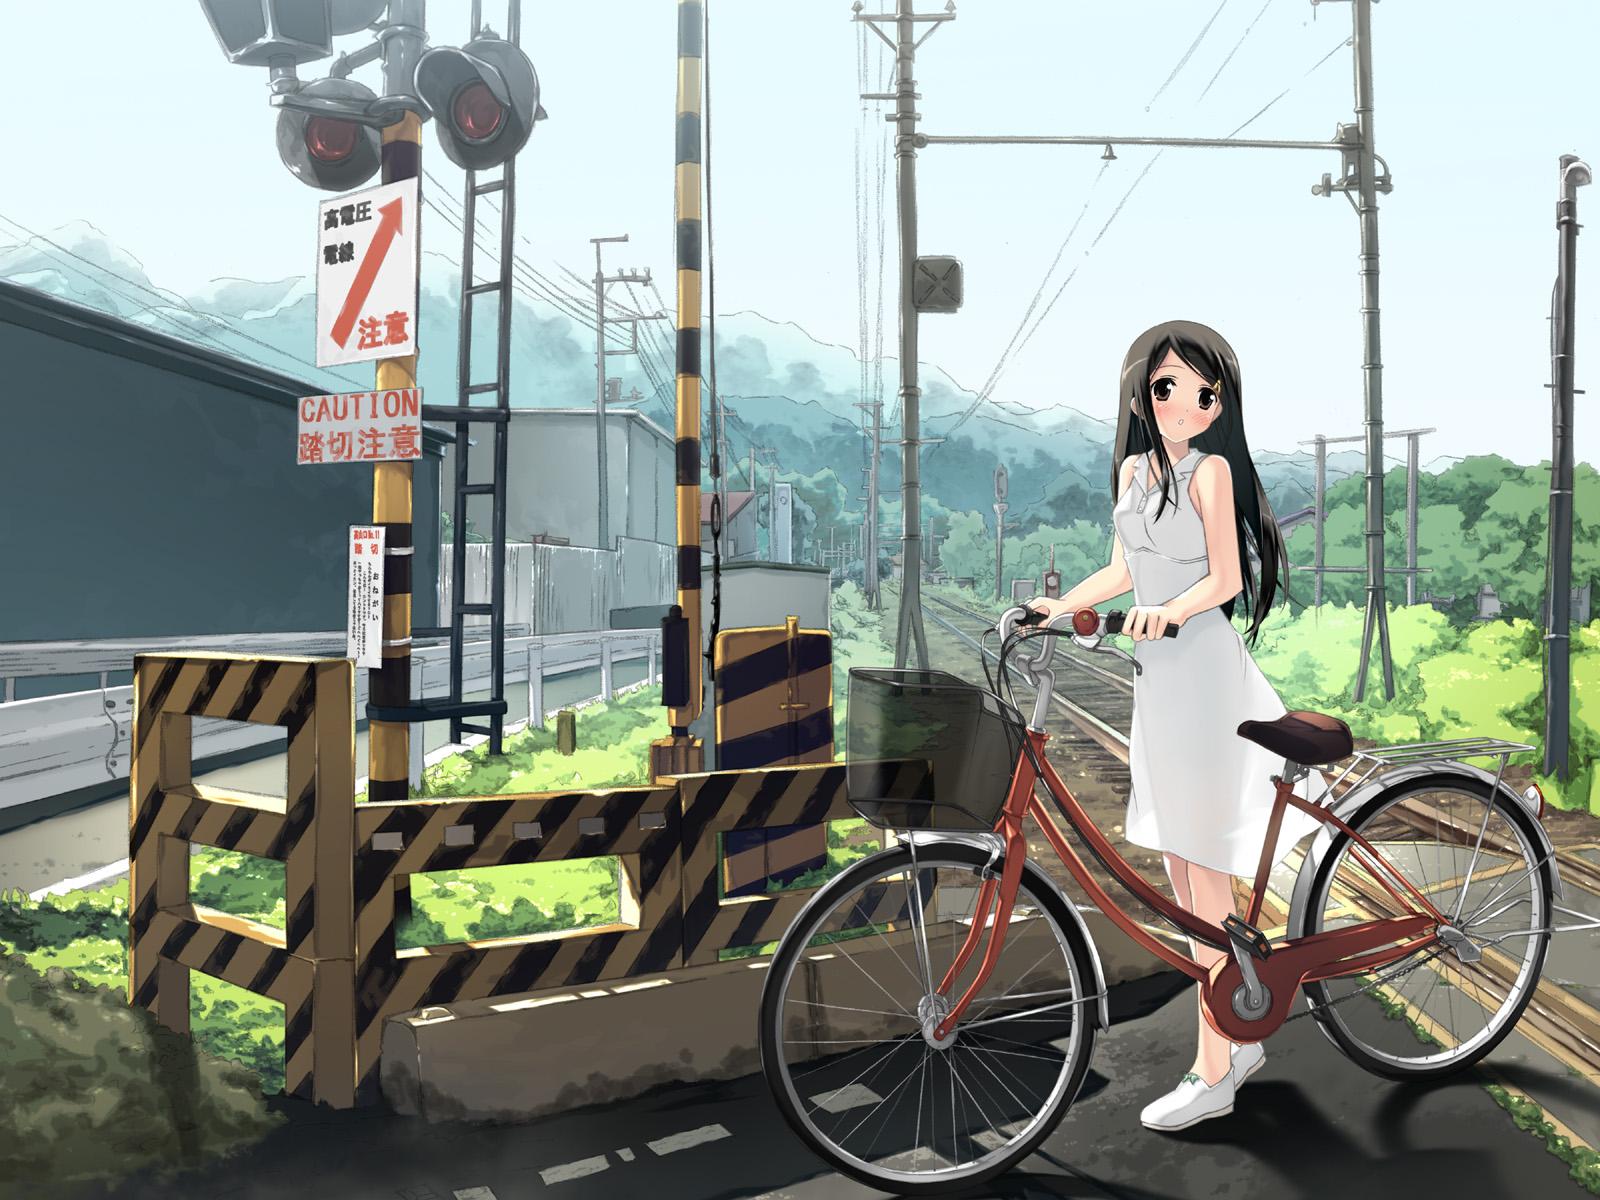 kantoku mahou_tsukai_ni_taisetsu_na_koto suzuki_sora